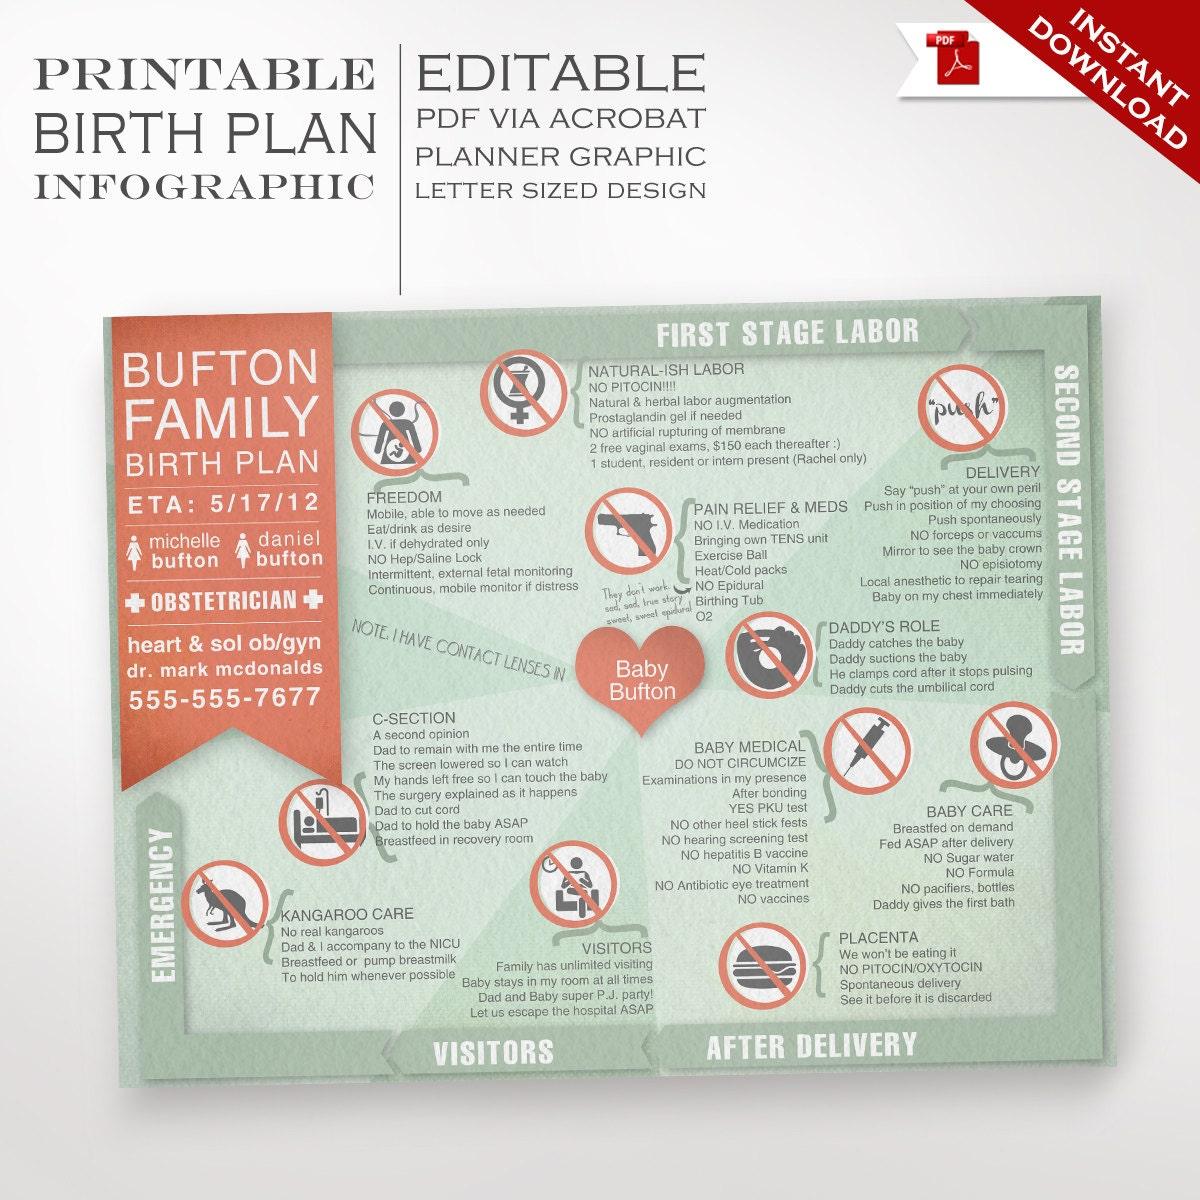 birth plan printable editable keepsake birthing plan